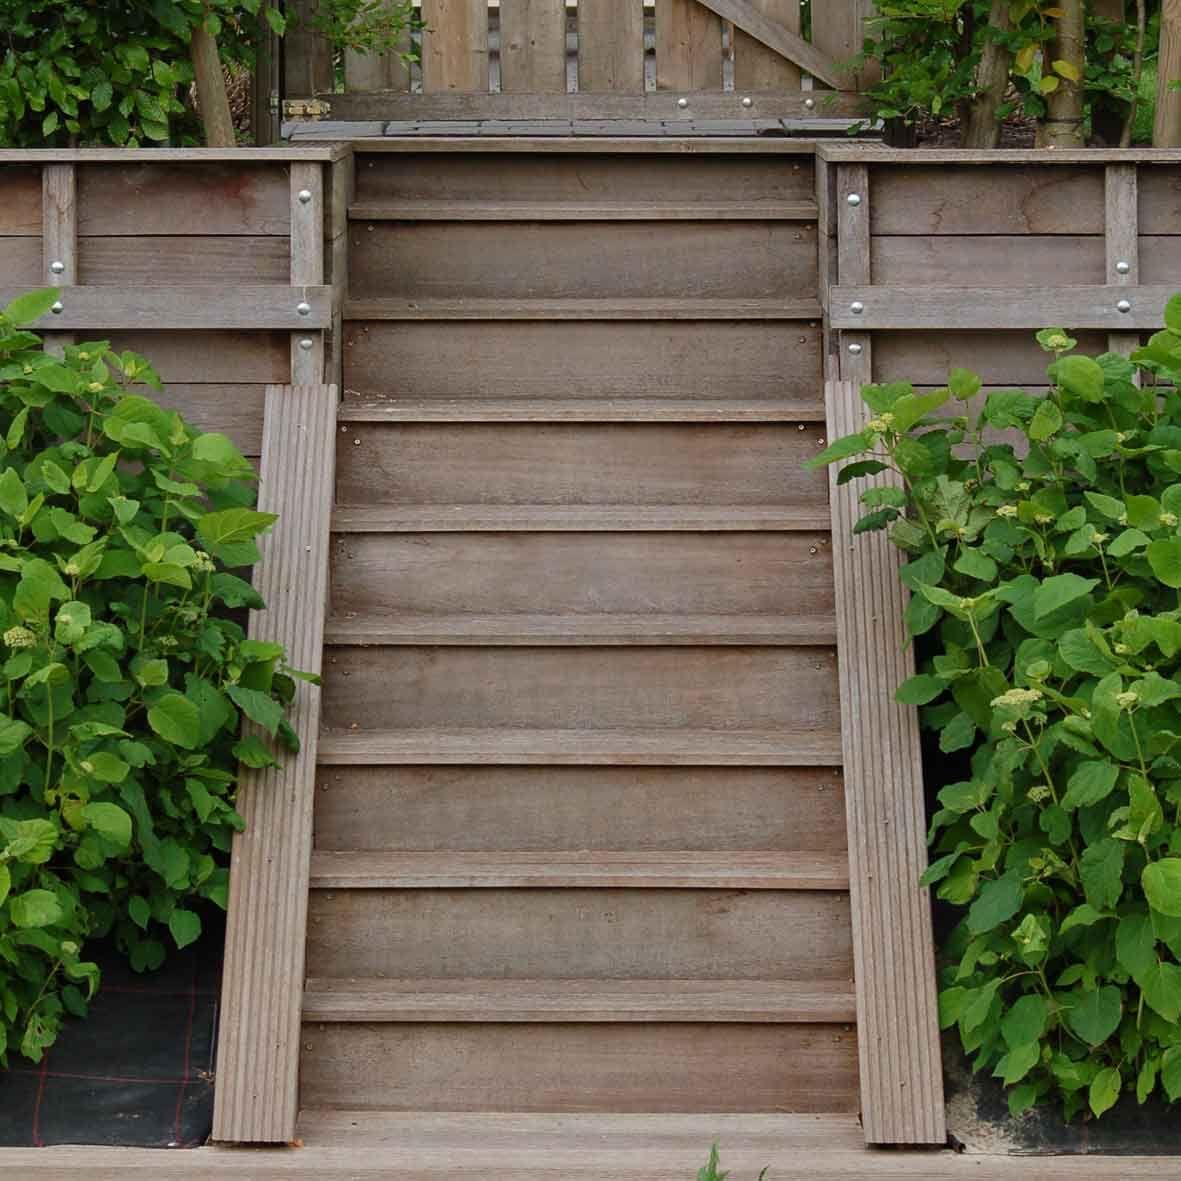 Mooie trap in de tuin. Deze trap is verwerkt in een beschoeiing.